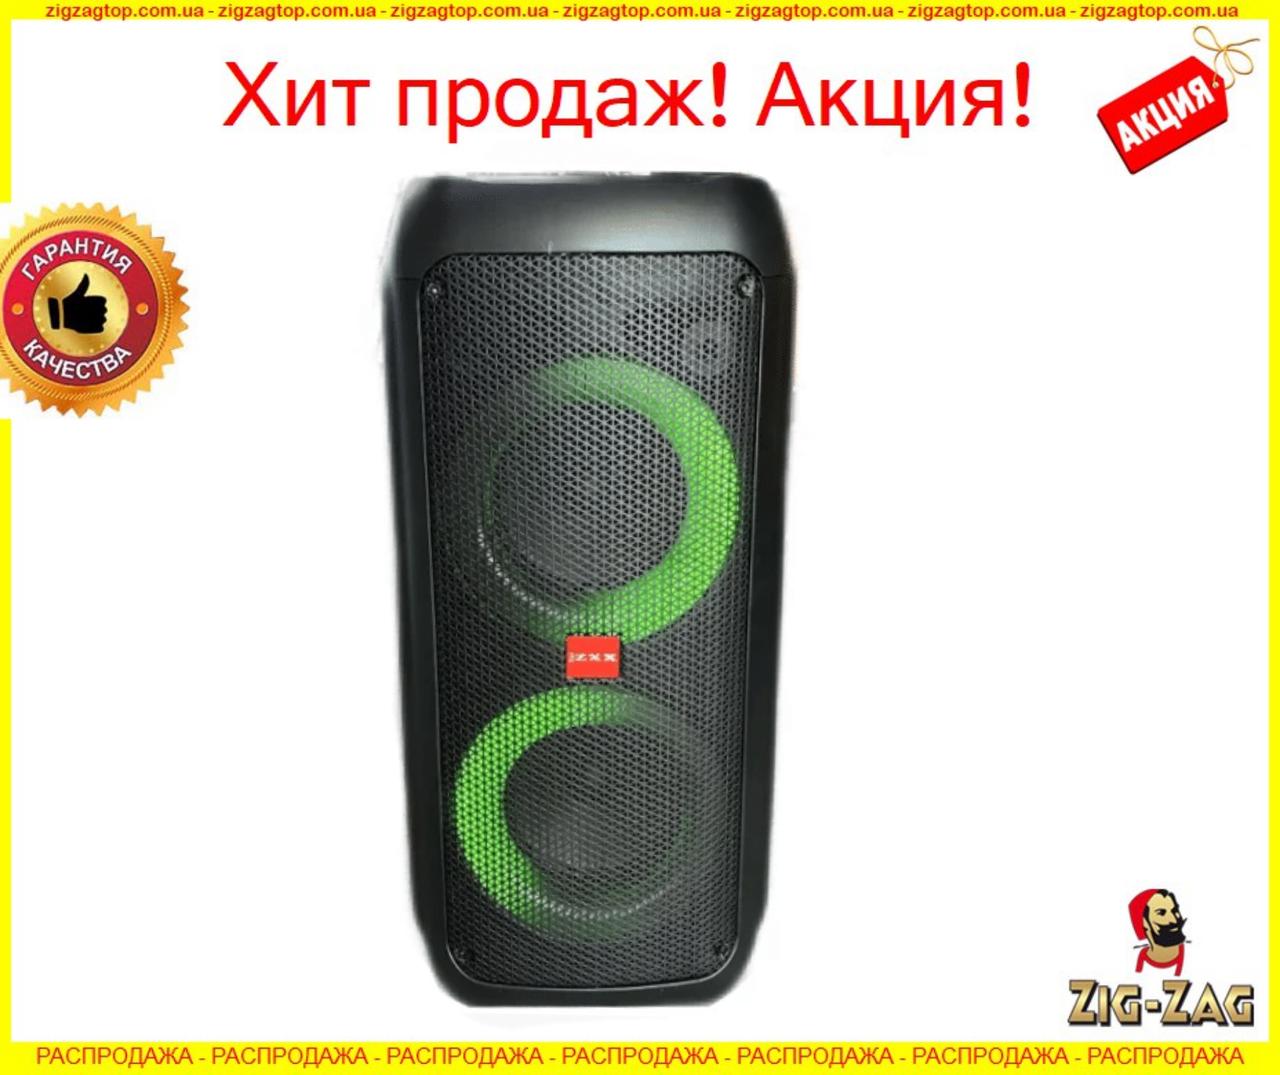 """Портативна бездротова акустична колонка з Bluetooth ZXX 5506 c мікрофоном 500Вт 6"""" USB/SD/ FM BT/MIC/ДУ"""